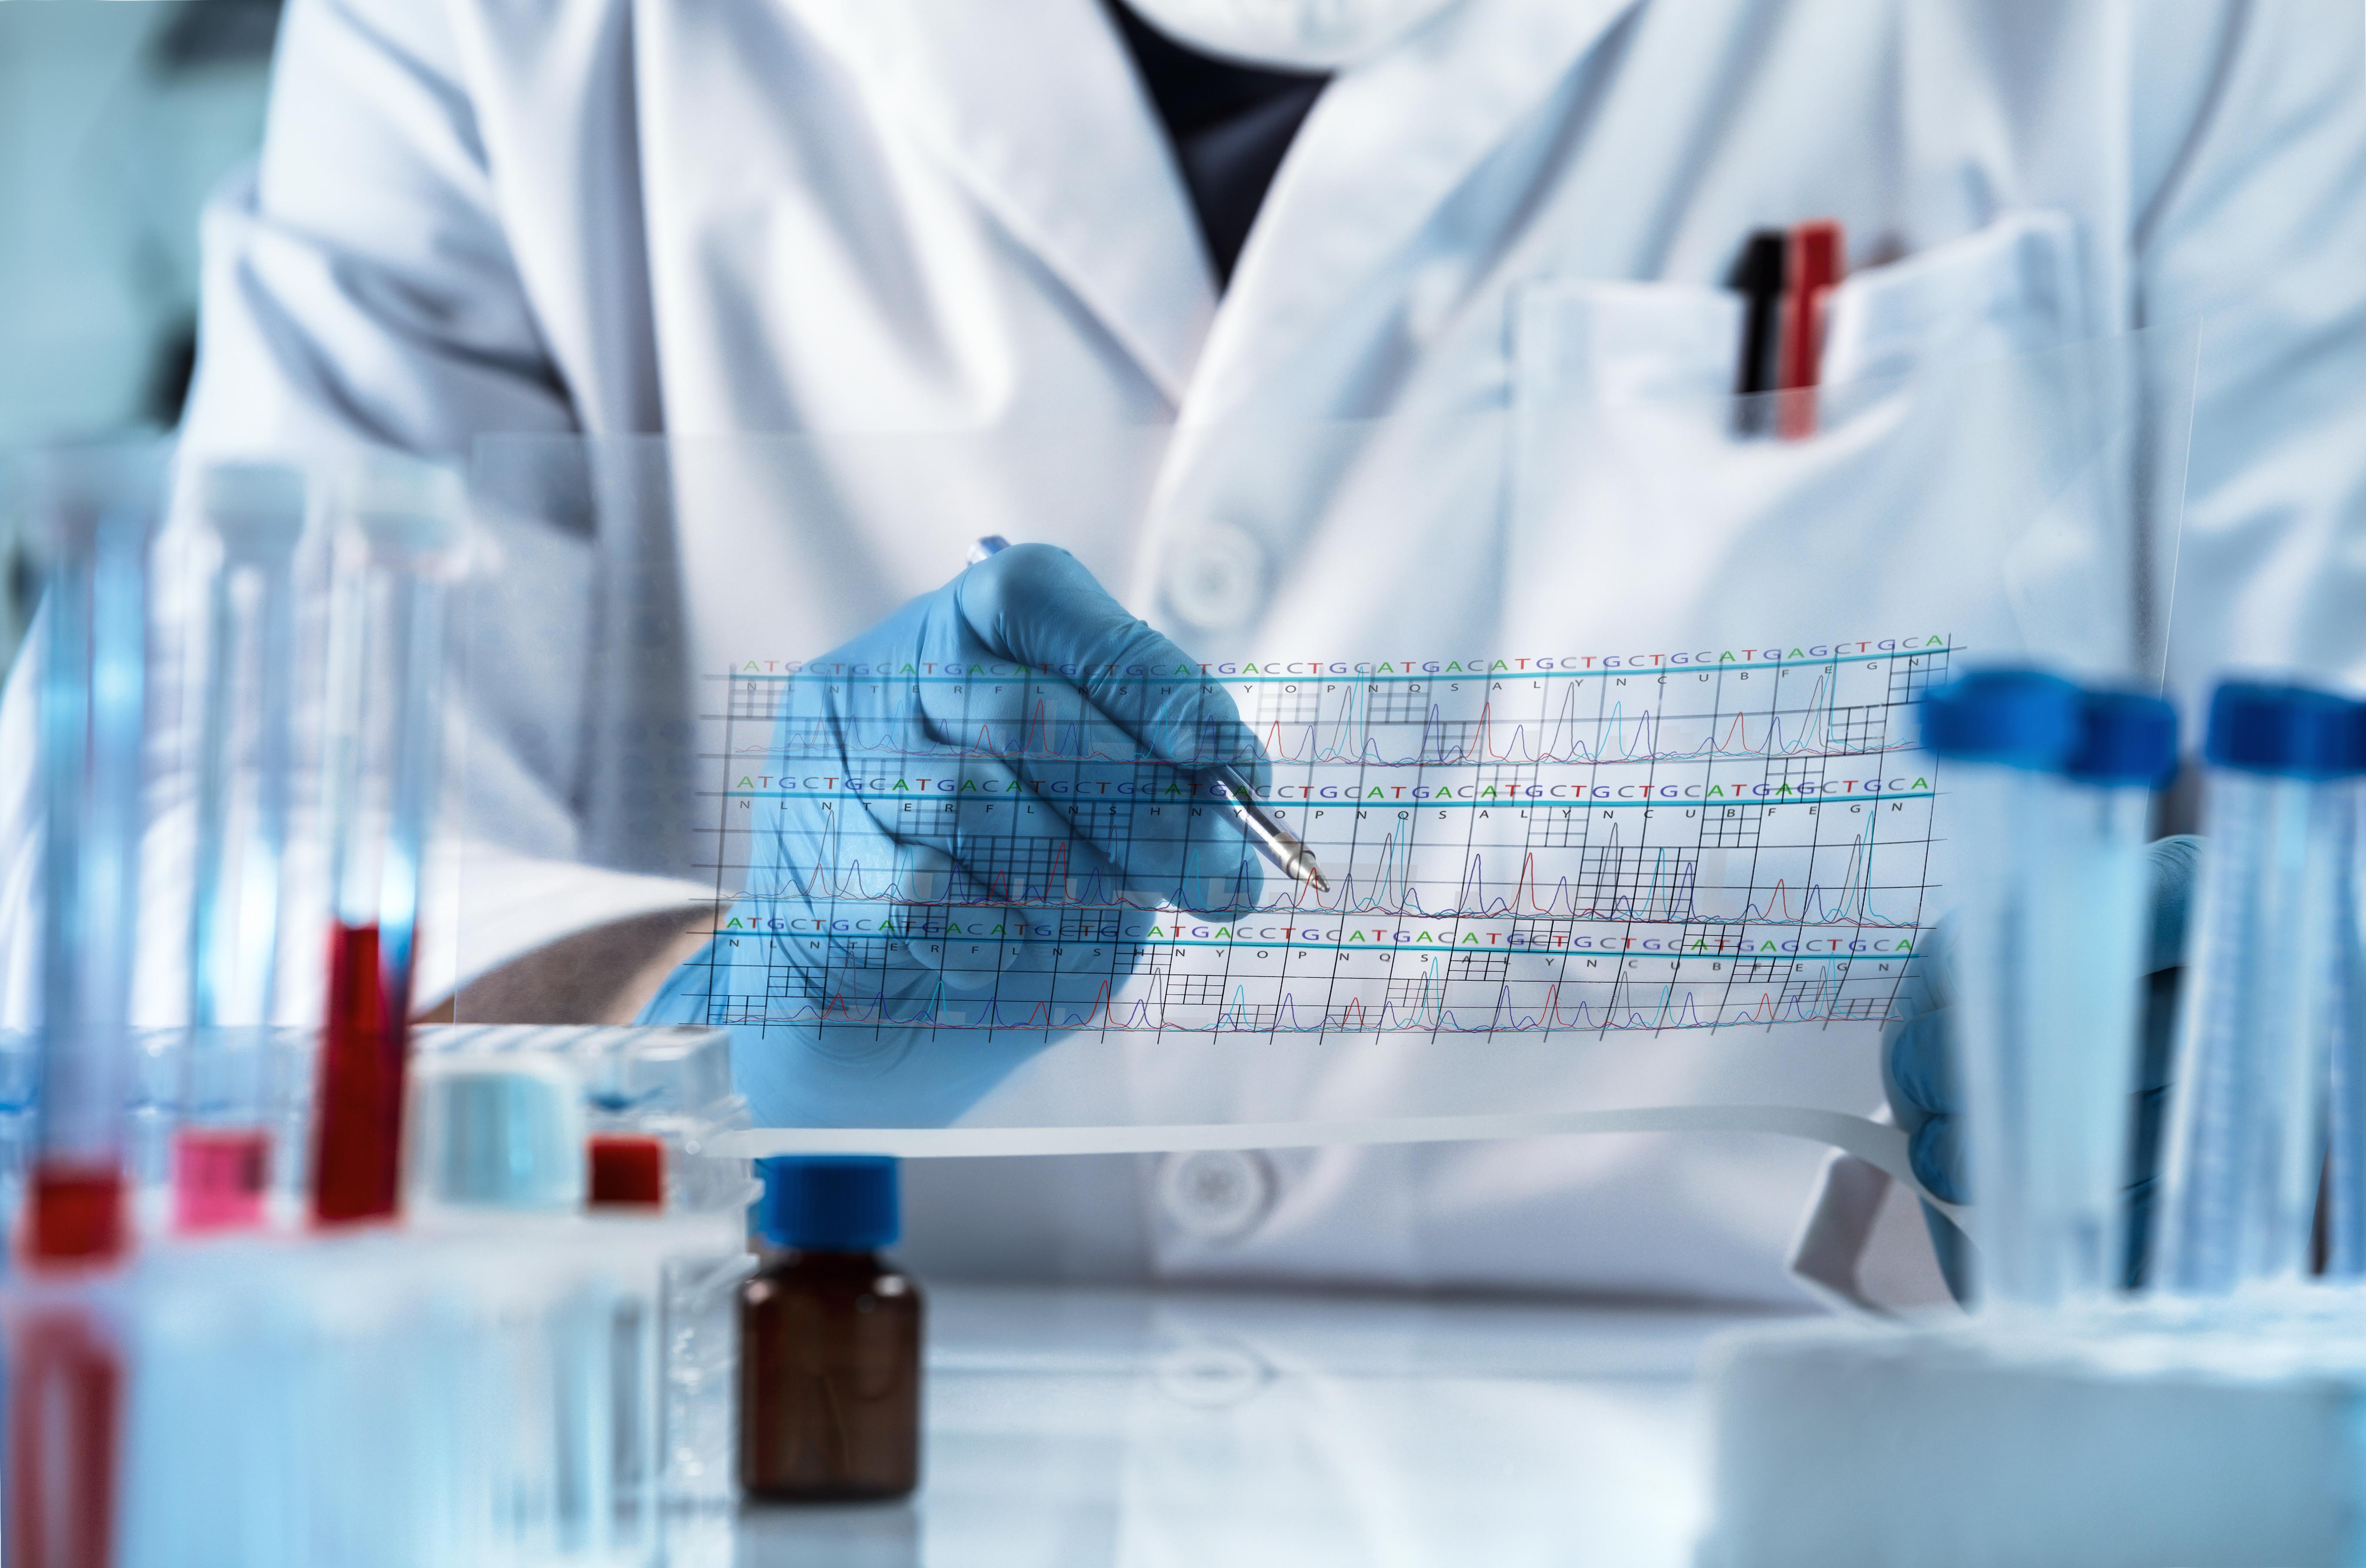 80% des patients atteints de cette maladie héréditaire rare, caractérisée par un déficit en protéine en Alpha-1-Antitrypsine (protéine AAT) développeront une atteinte pulmonaire (Visuel Adobe Stock 206681170)